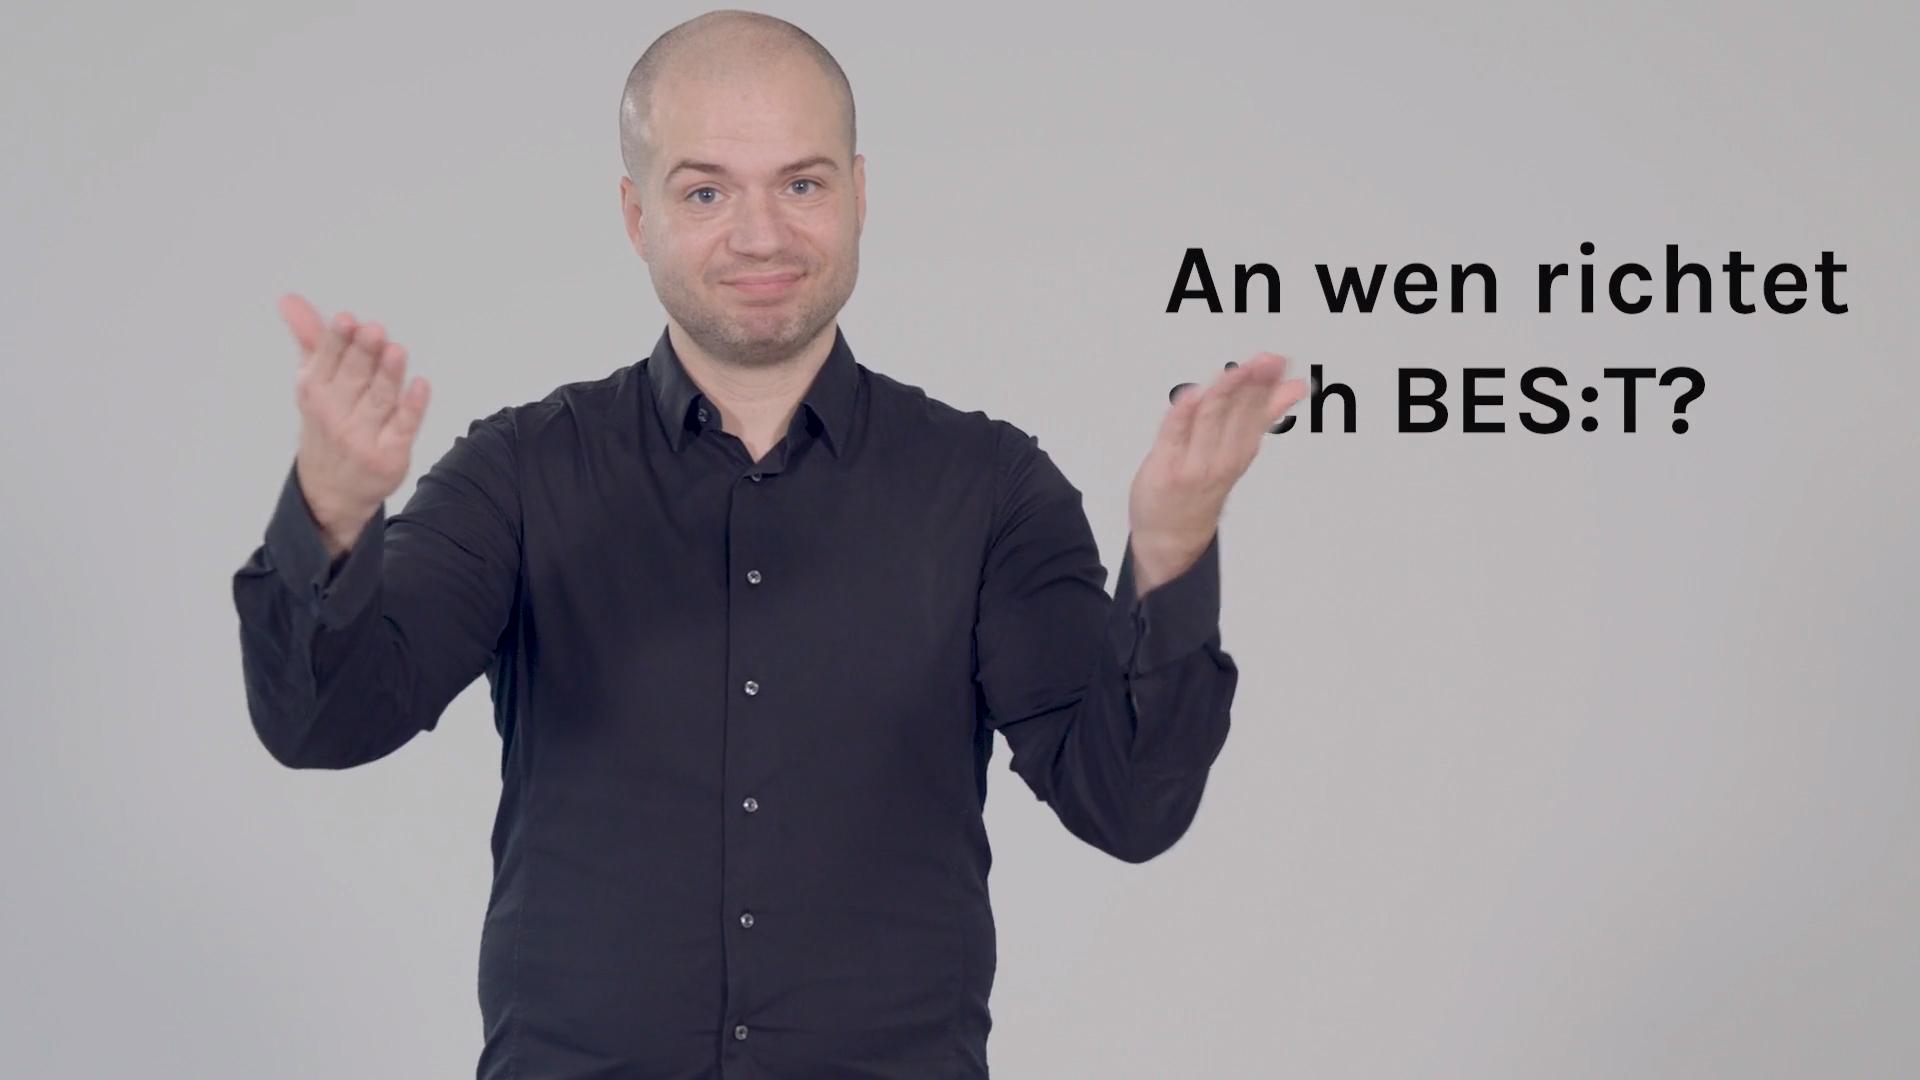 Best - Erklärungsfilm in Gebärdensprache